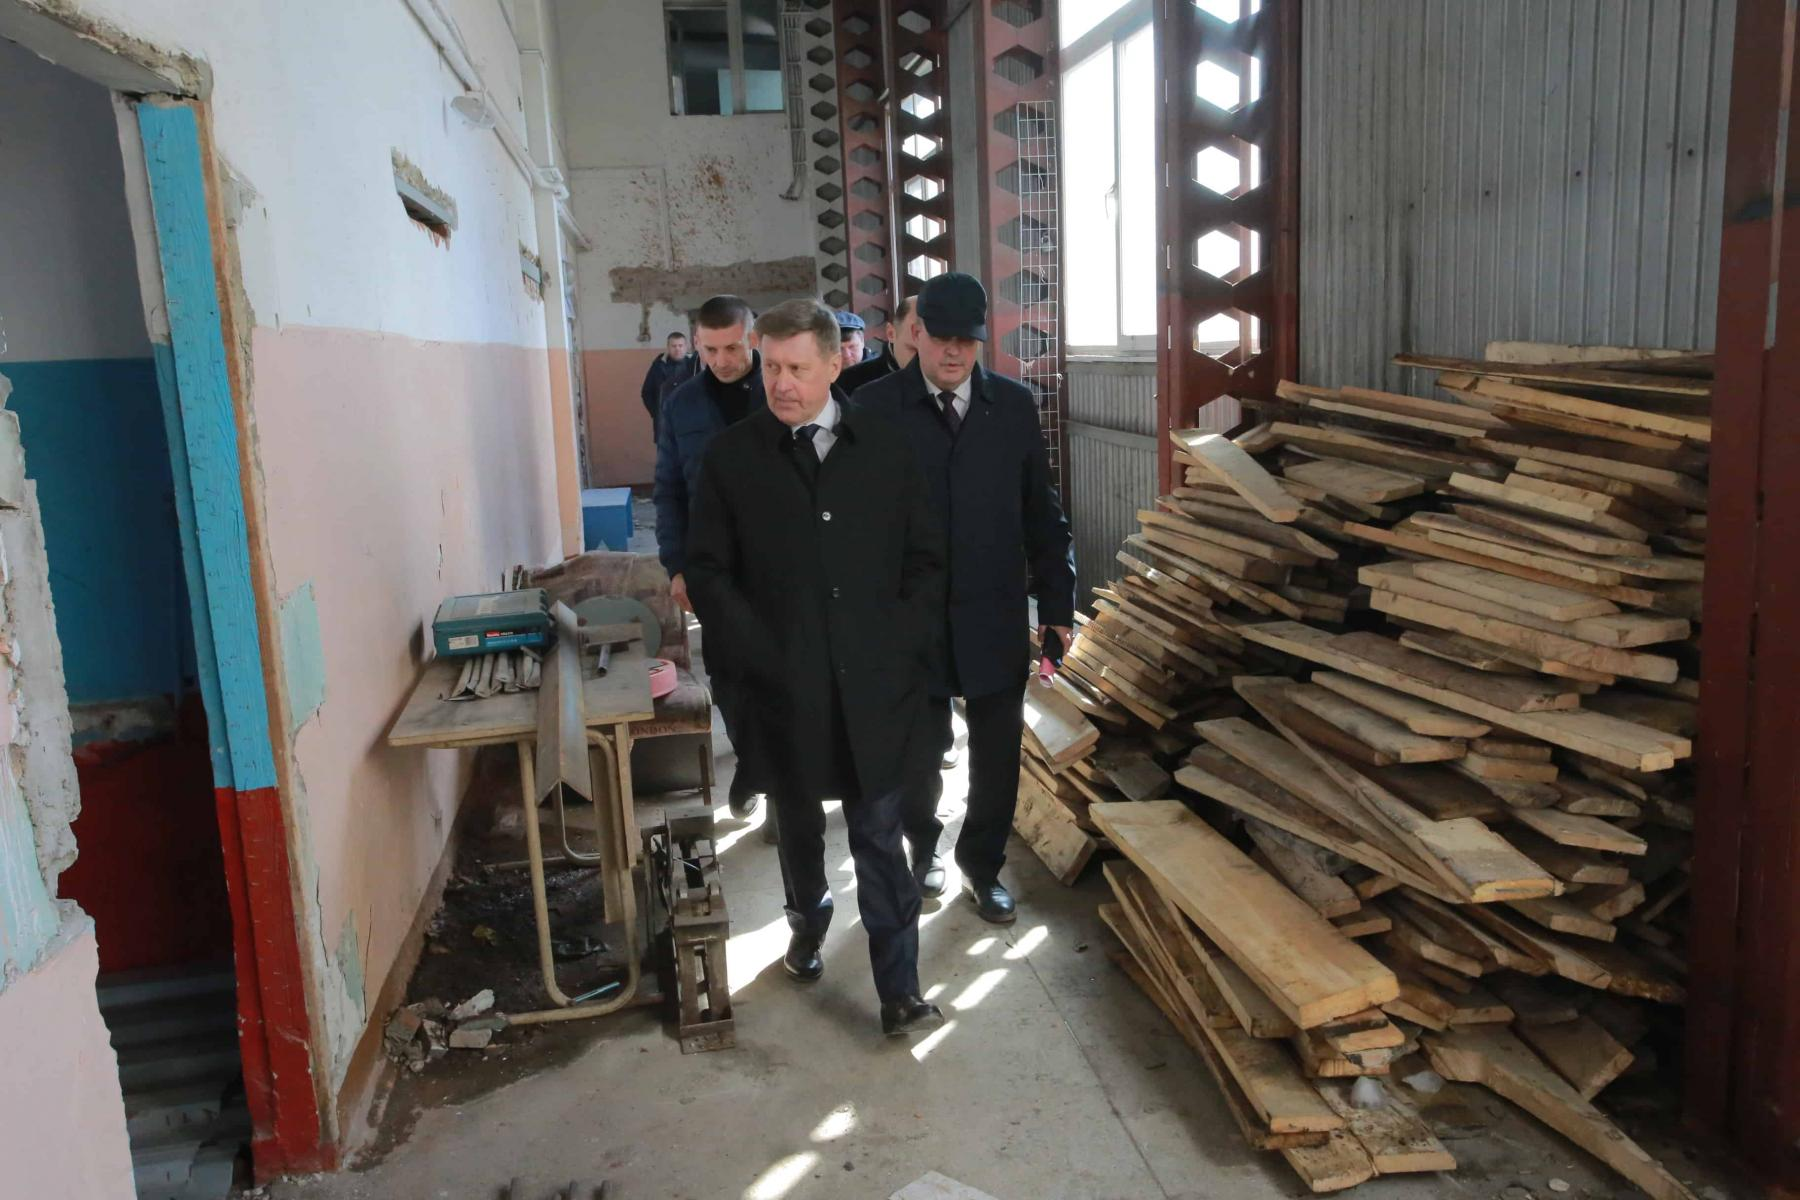 Фото Школу на улице Панфиловцев в Новосибирске капитально отремонтируют к сентябрю 2022 года 2